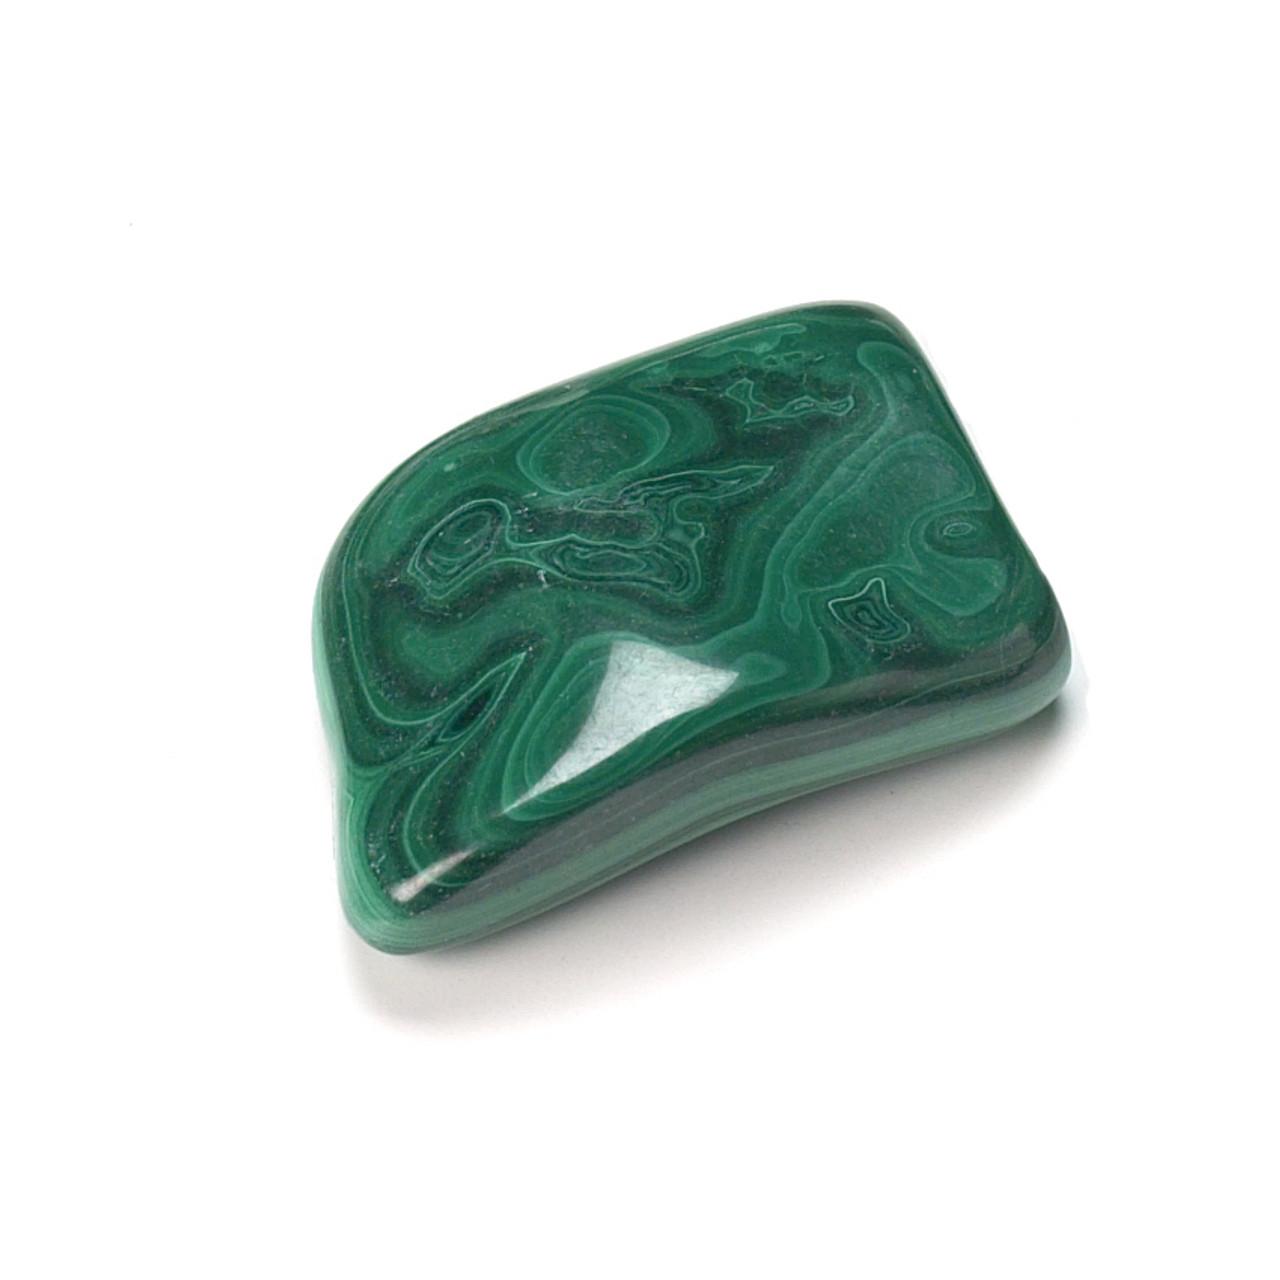 Malachite Tumblestone (from Zaire)